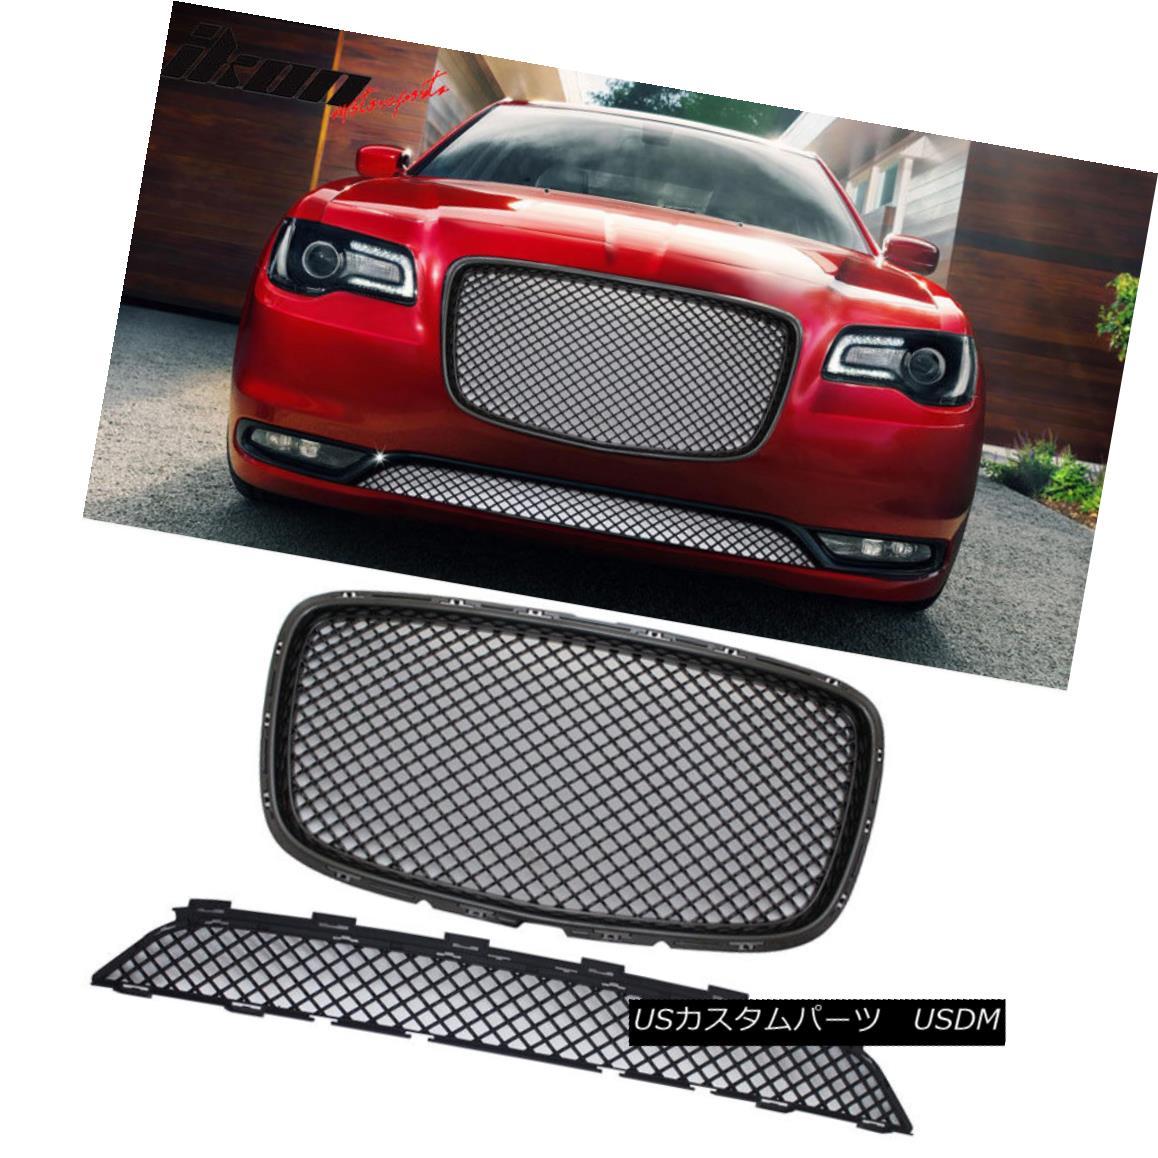 グリル Fits 15-17 Chrysler 300 300C Bentley Style Upper + Lower Grill Grille - Black フィット15-17クライスラー300 300Cベントレースタイルアッパー+ロワーグリルグリル - ブラック